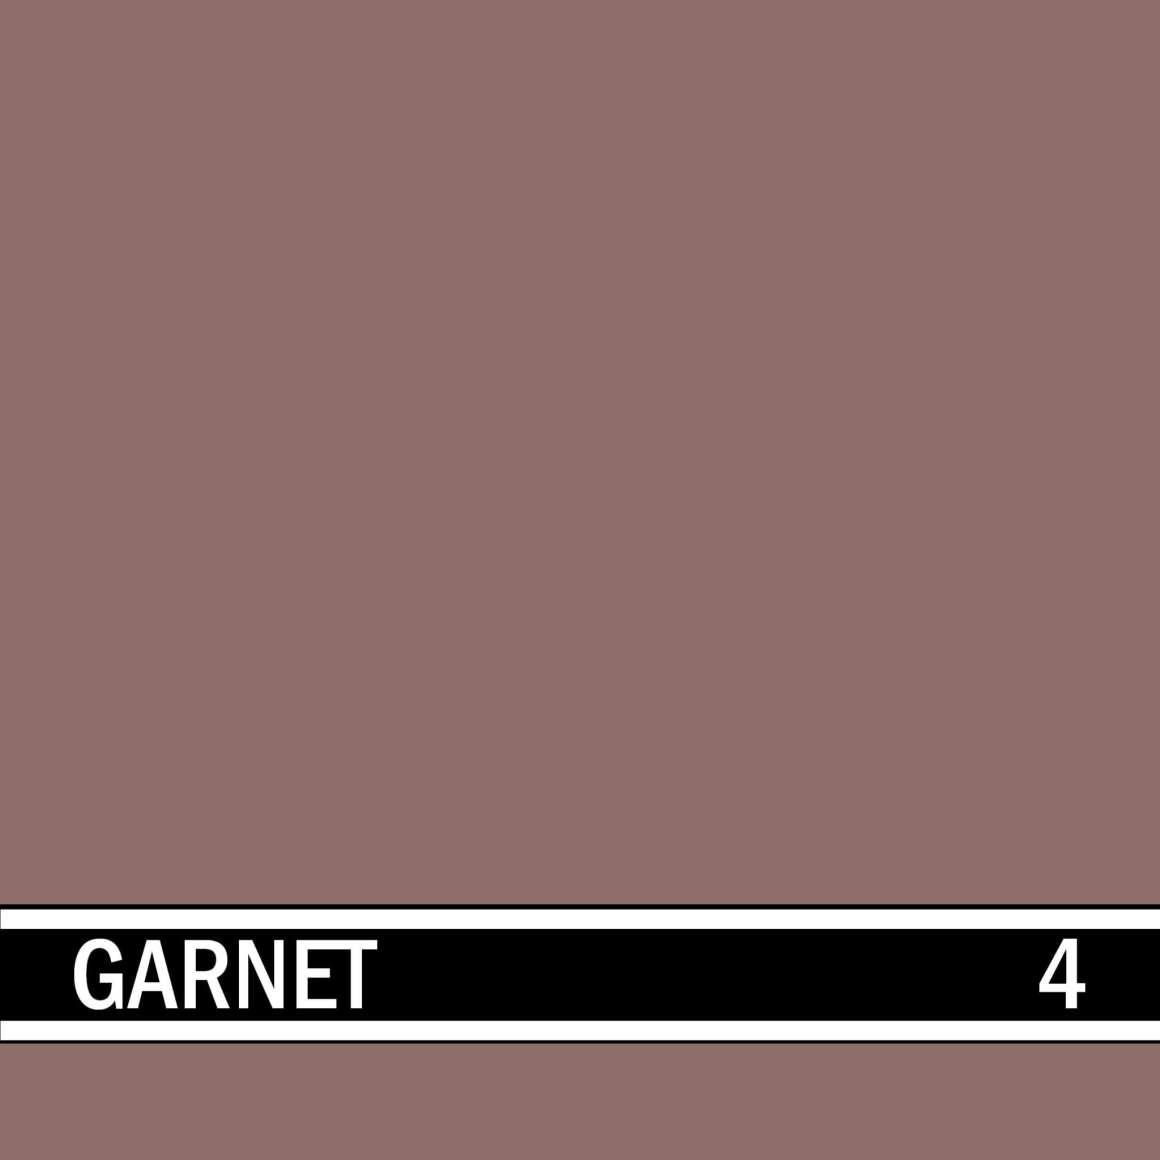 Garnet integral concrete color for stamped concrete and decorative colored concrete